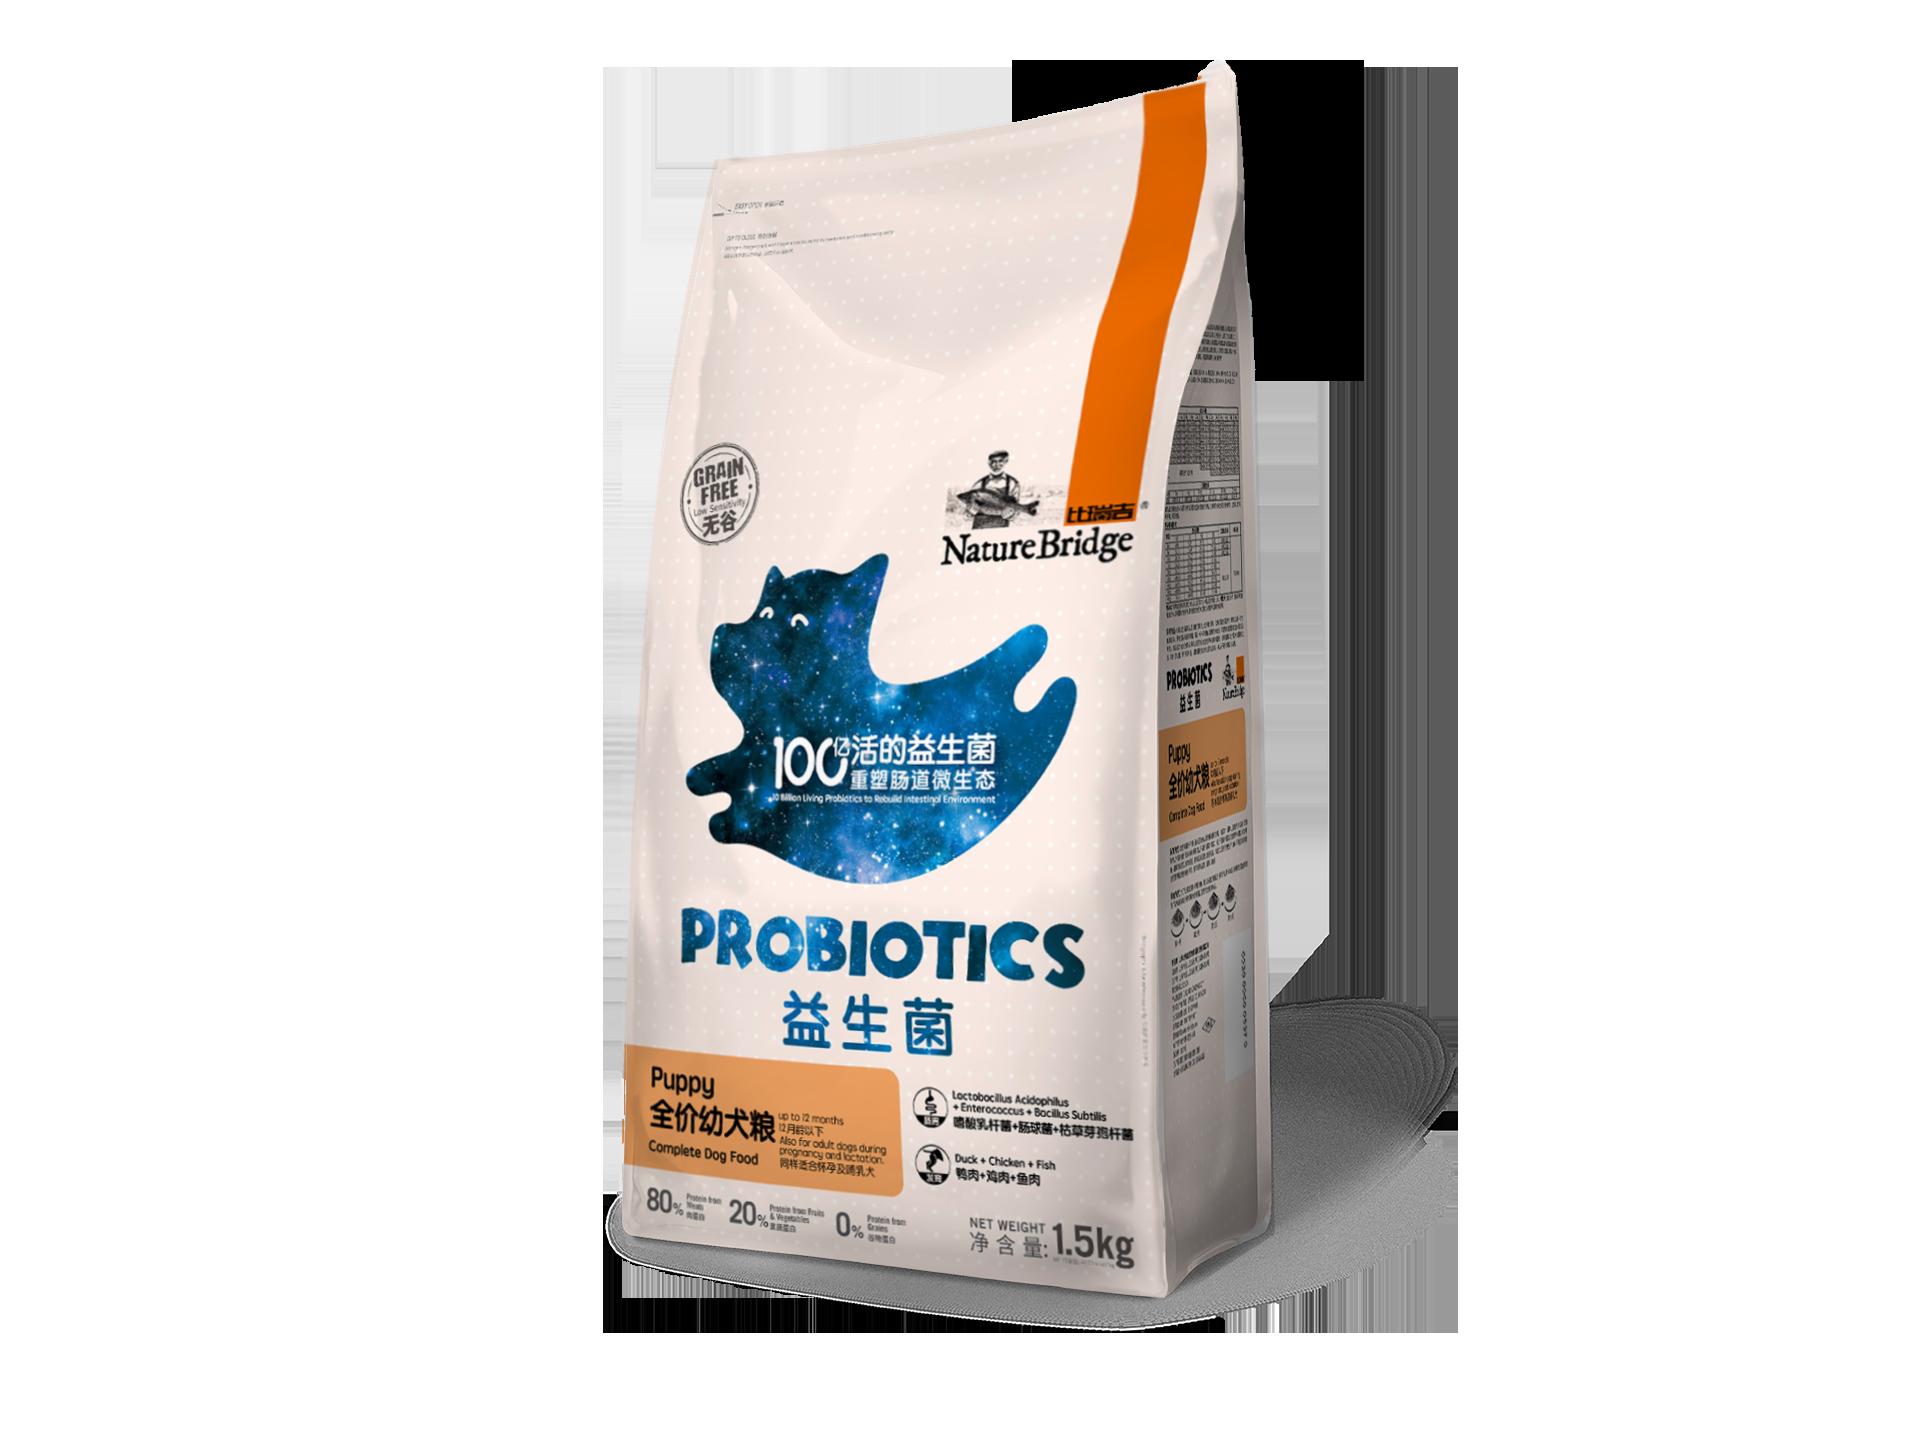 比瑞吉無谷益生菌全價幼犬糧1.5kg狗糧